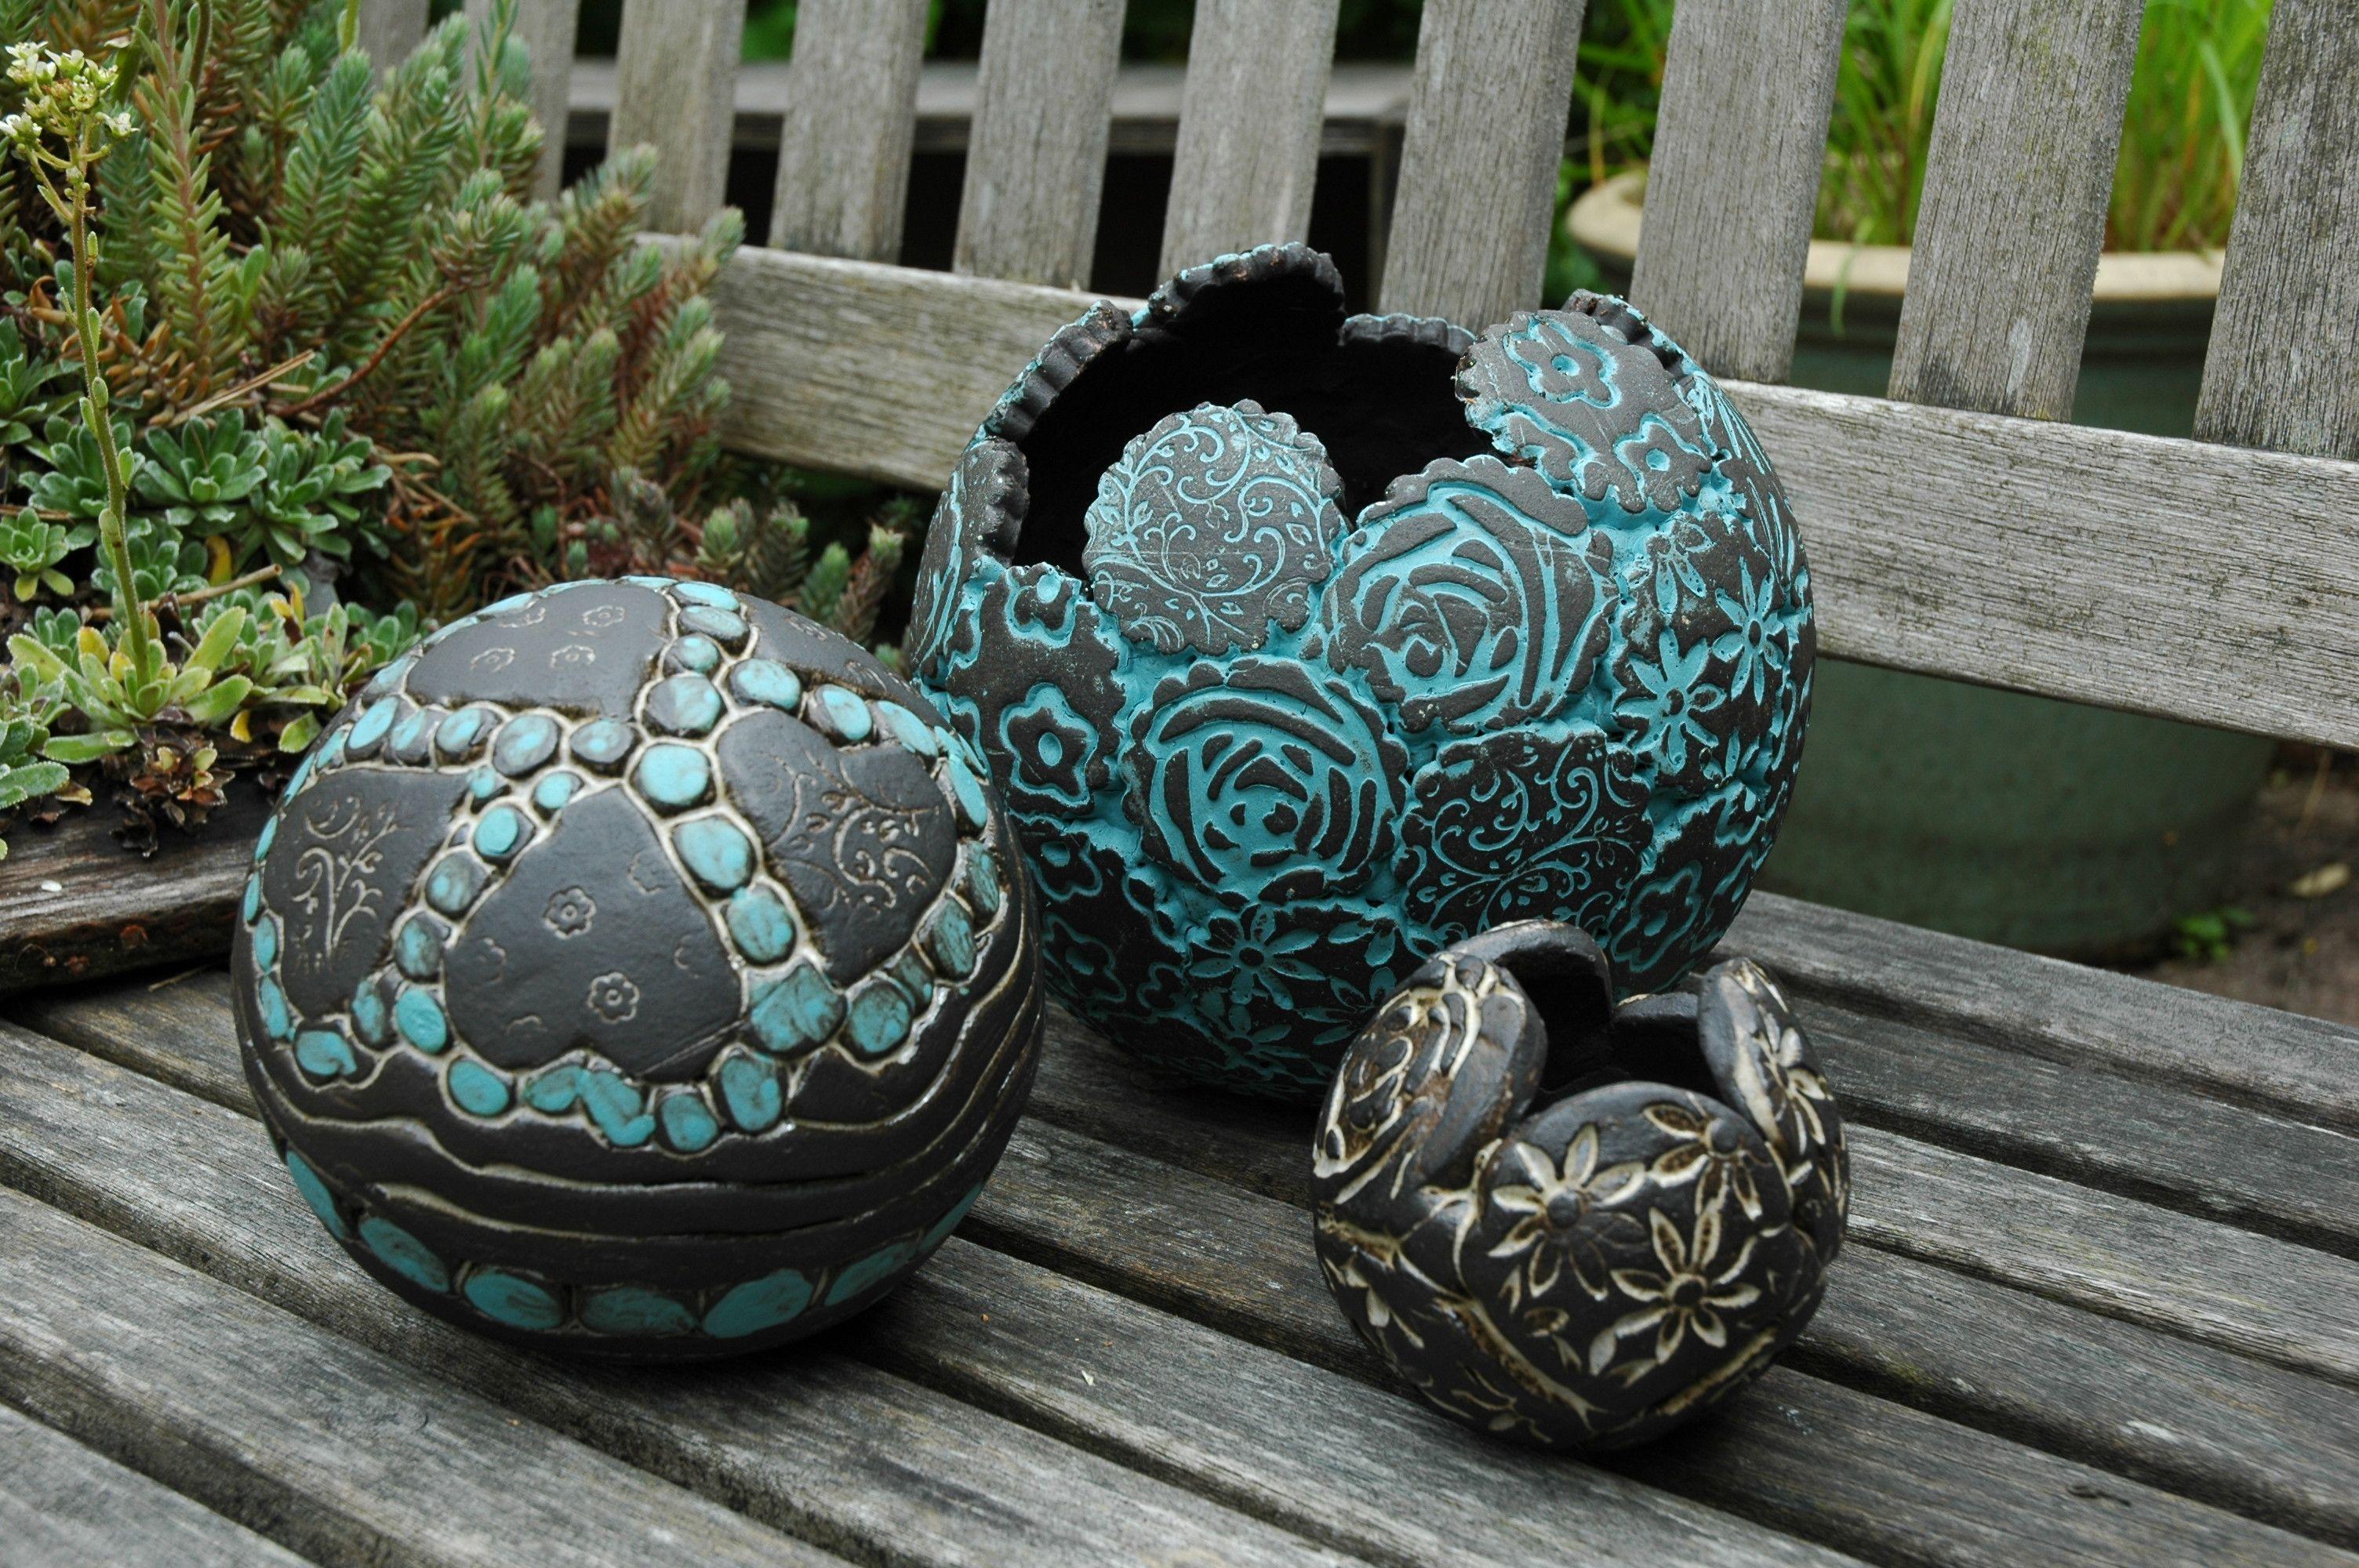 Gartenkeramik http://de.dawanda.com/shop/Kunst-und-Keramik ...